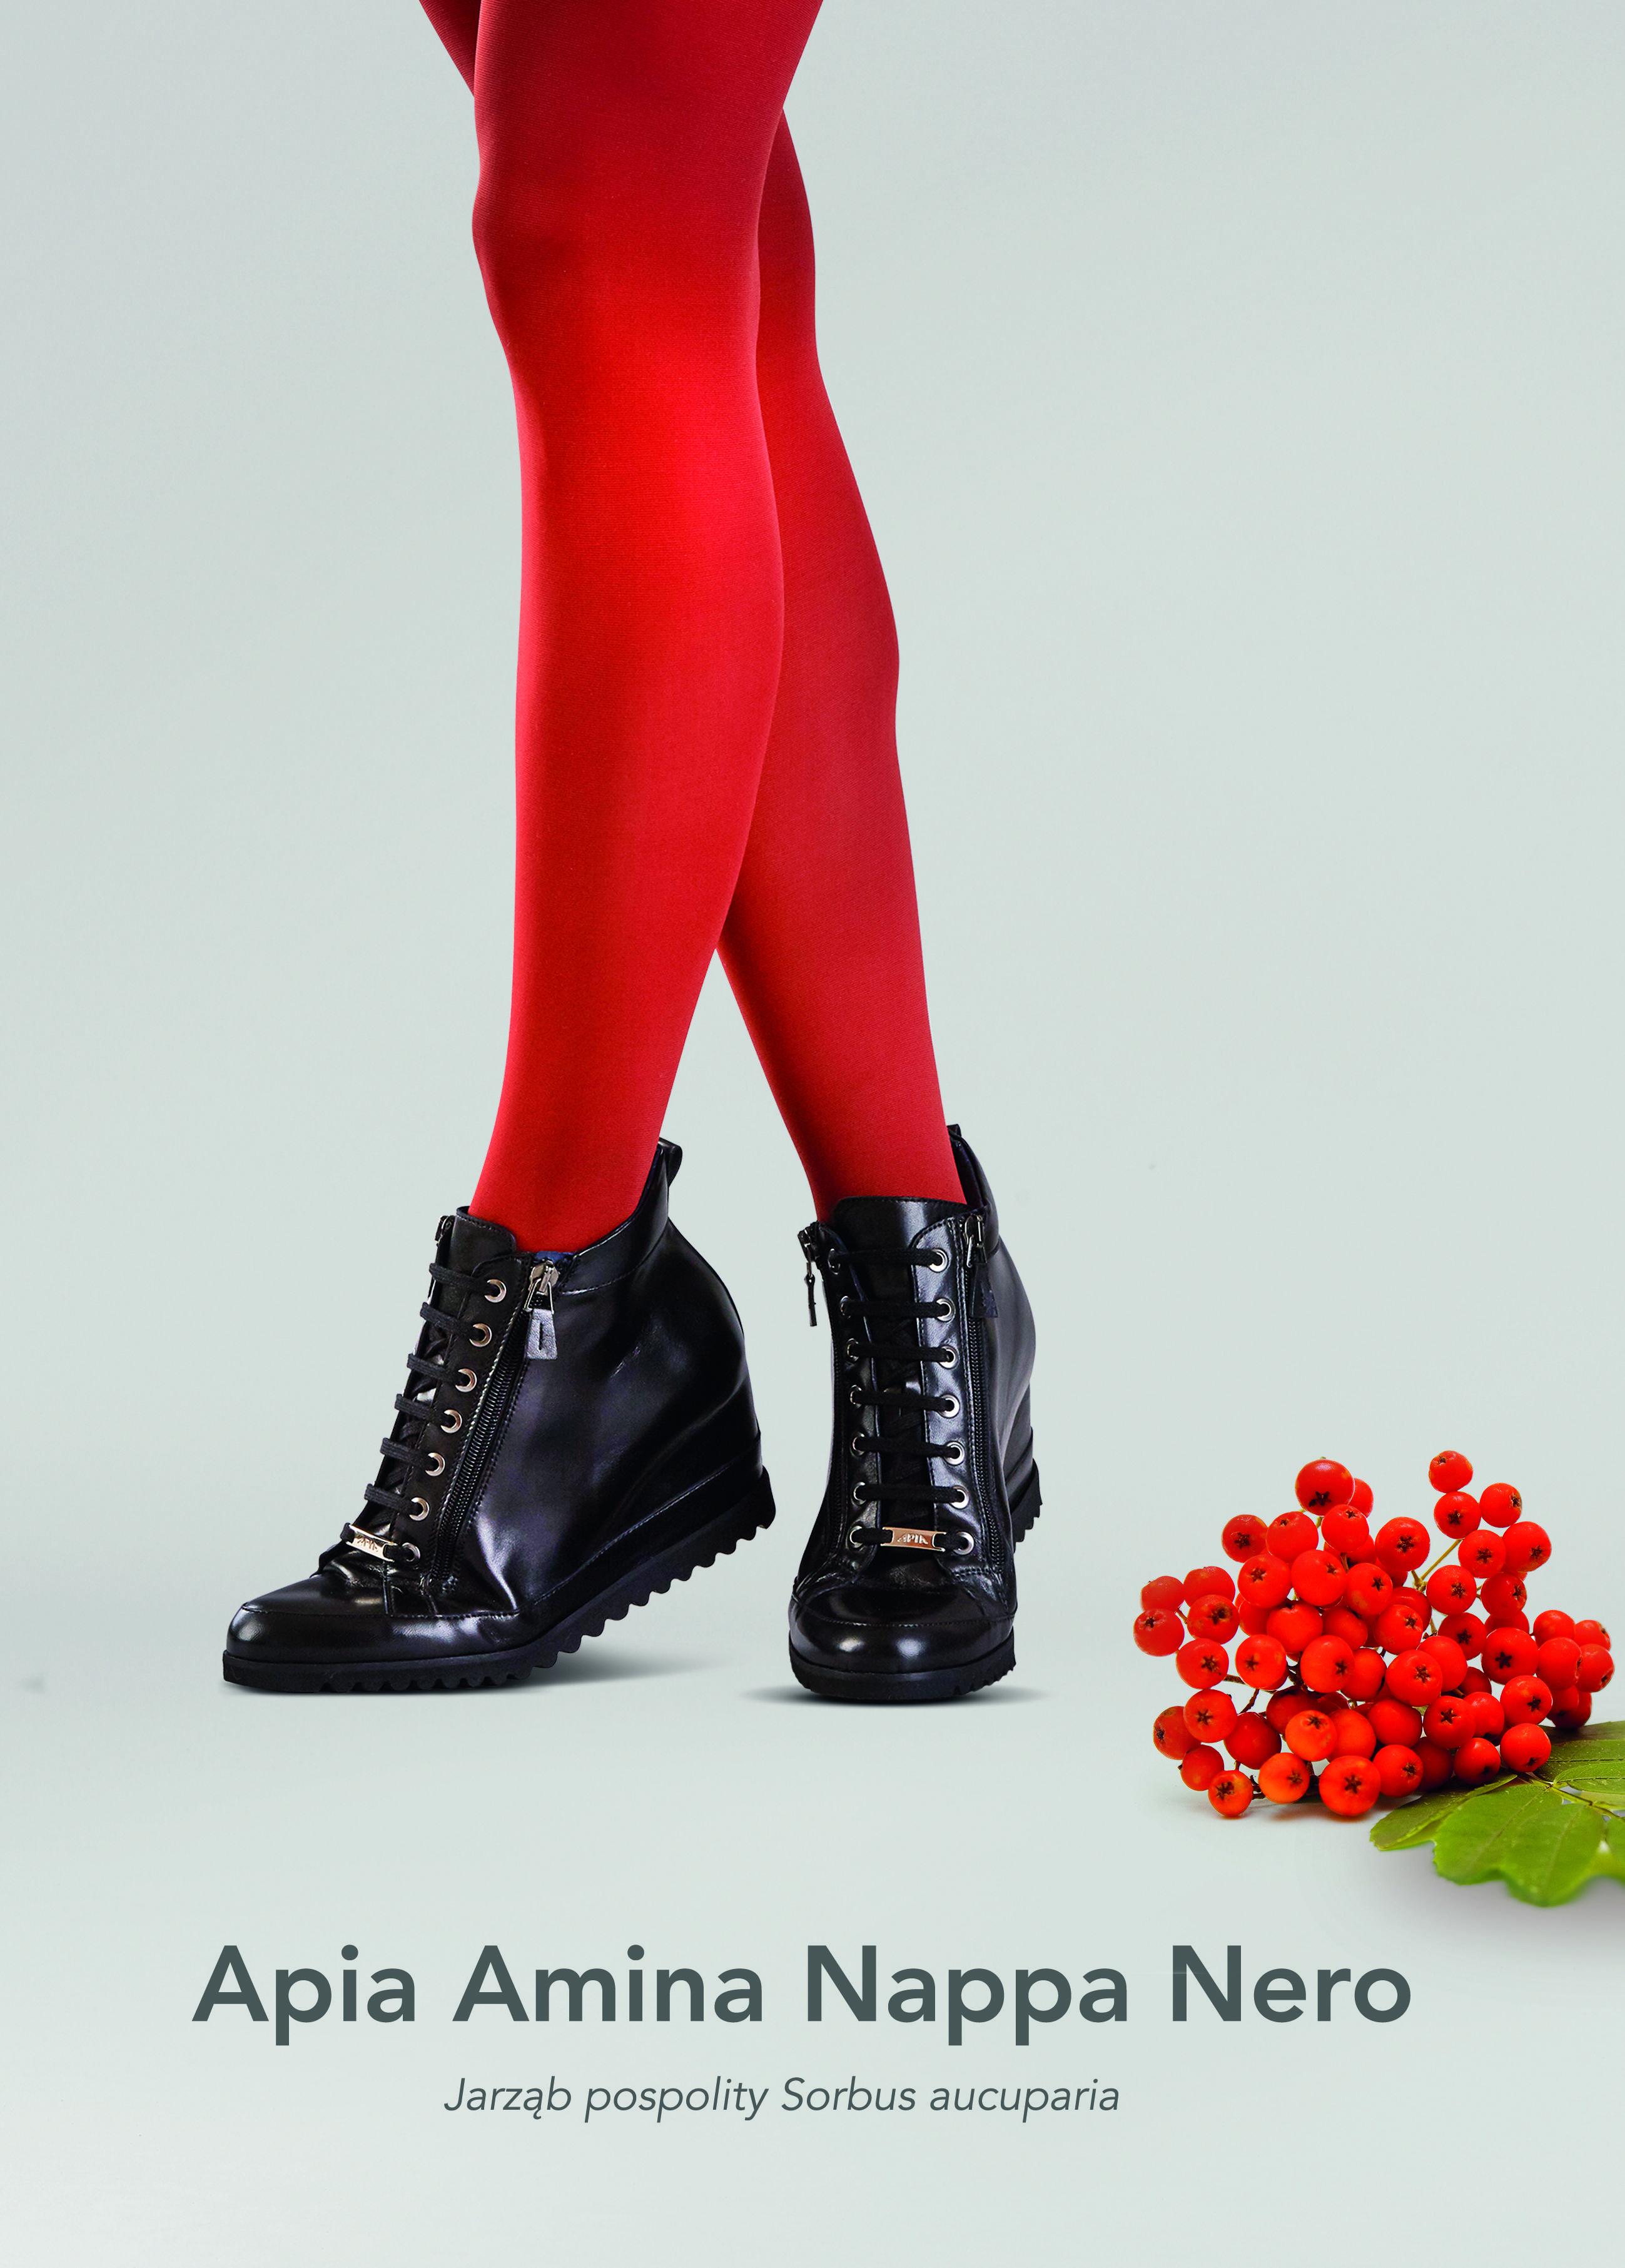 Kolekcja Butow Apia Aw 17 18 Butyapia Modne Buty Jesien Botki Sneakersy Luxsport Botkinakoturnie Sportowaelegancja Sk Elegant Shoes Women Shoes Shoes